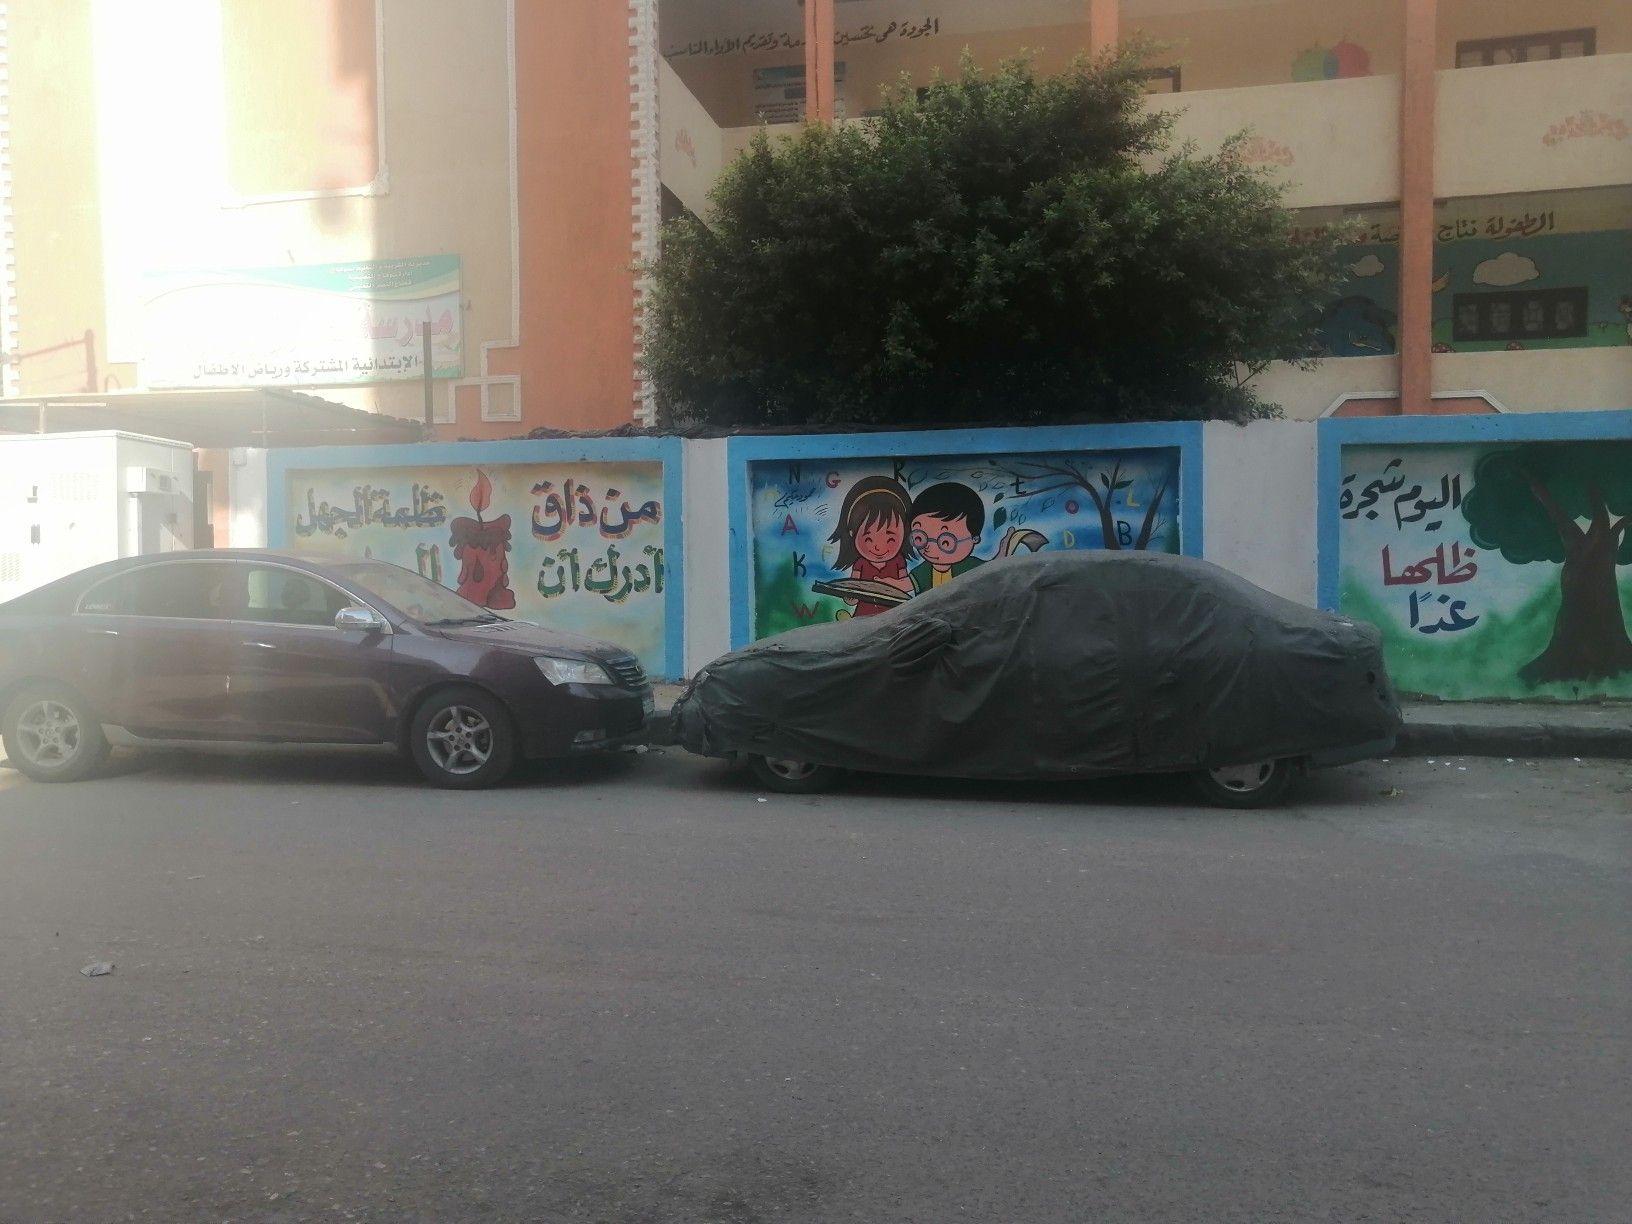 من ذاق ظلمة الجهل أدرك أن العلم نور مصطفى نور الدين Lst Road